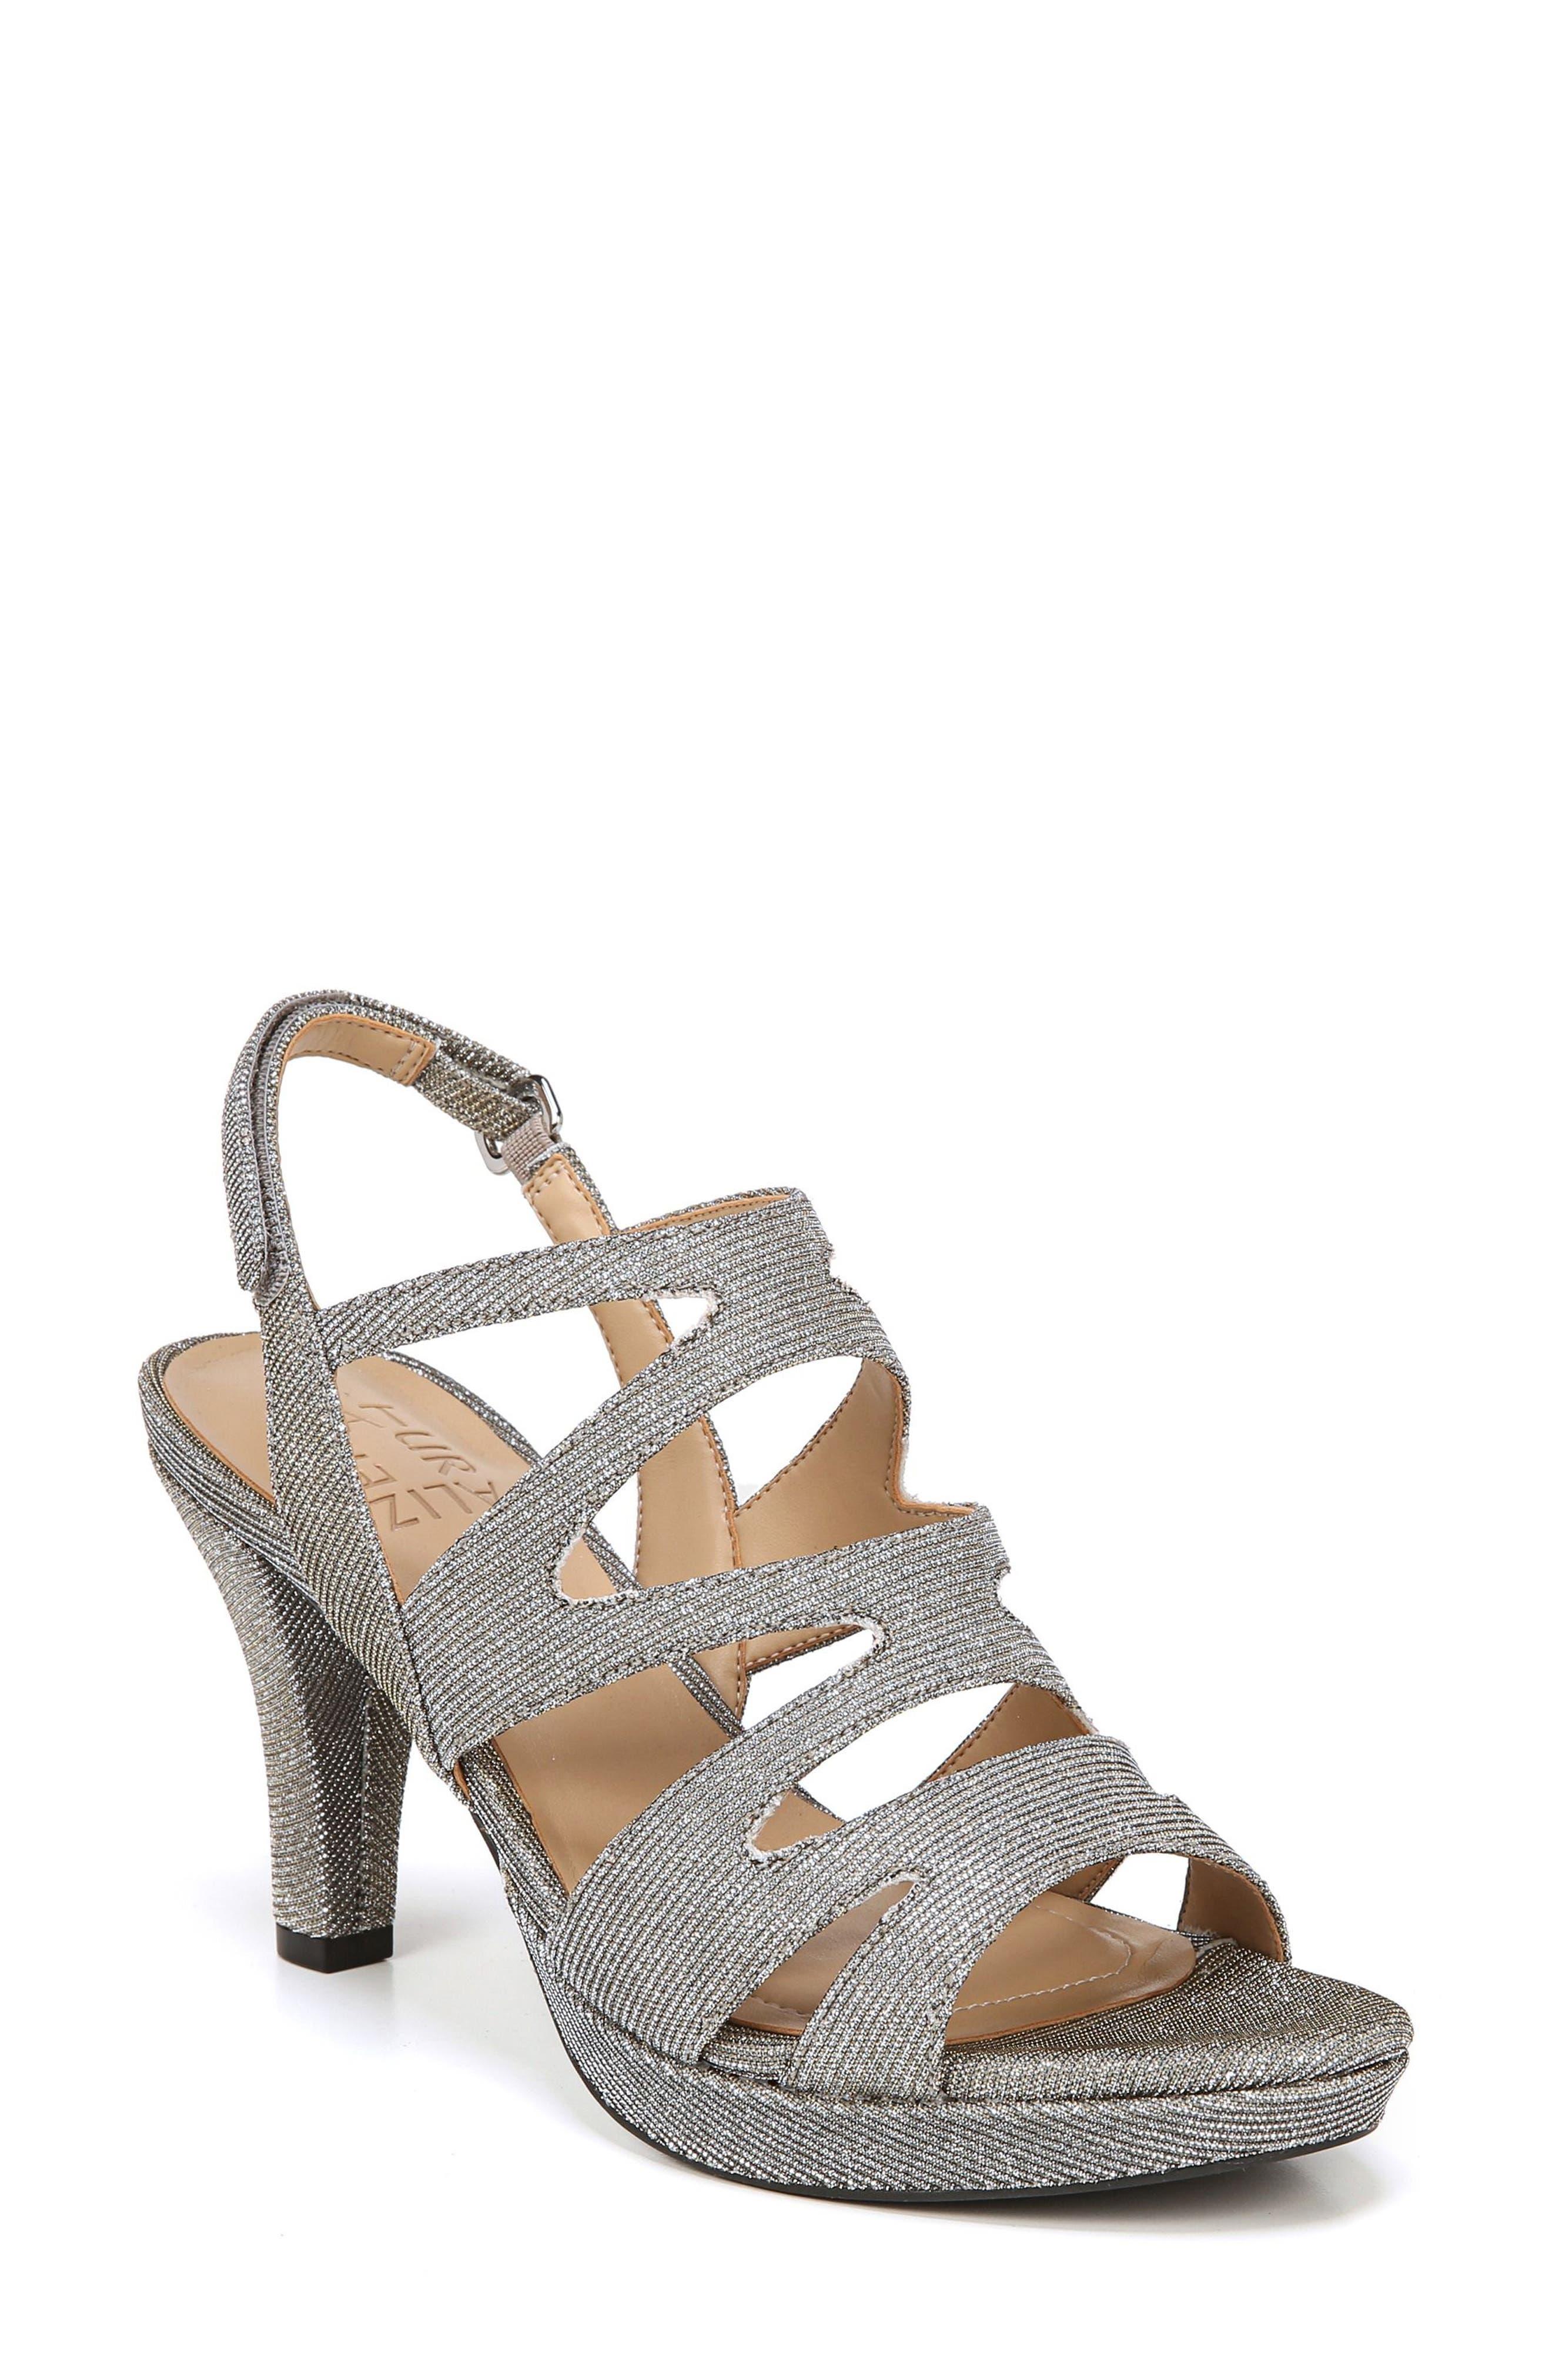 'Pressley' Slingback Platform Sandal,                         Main,                         color, 043